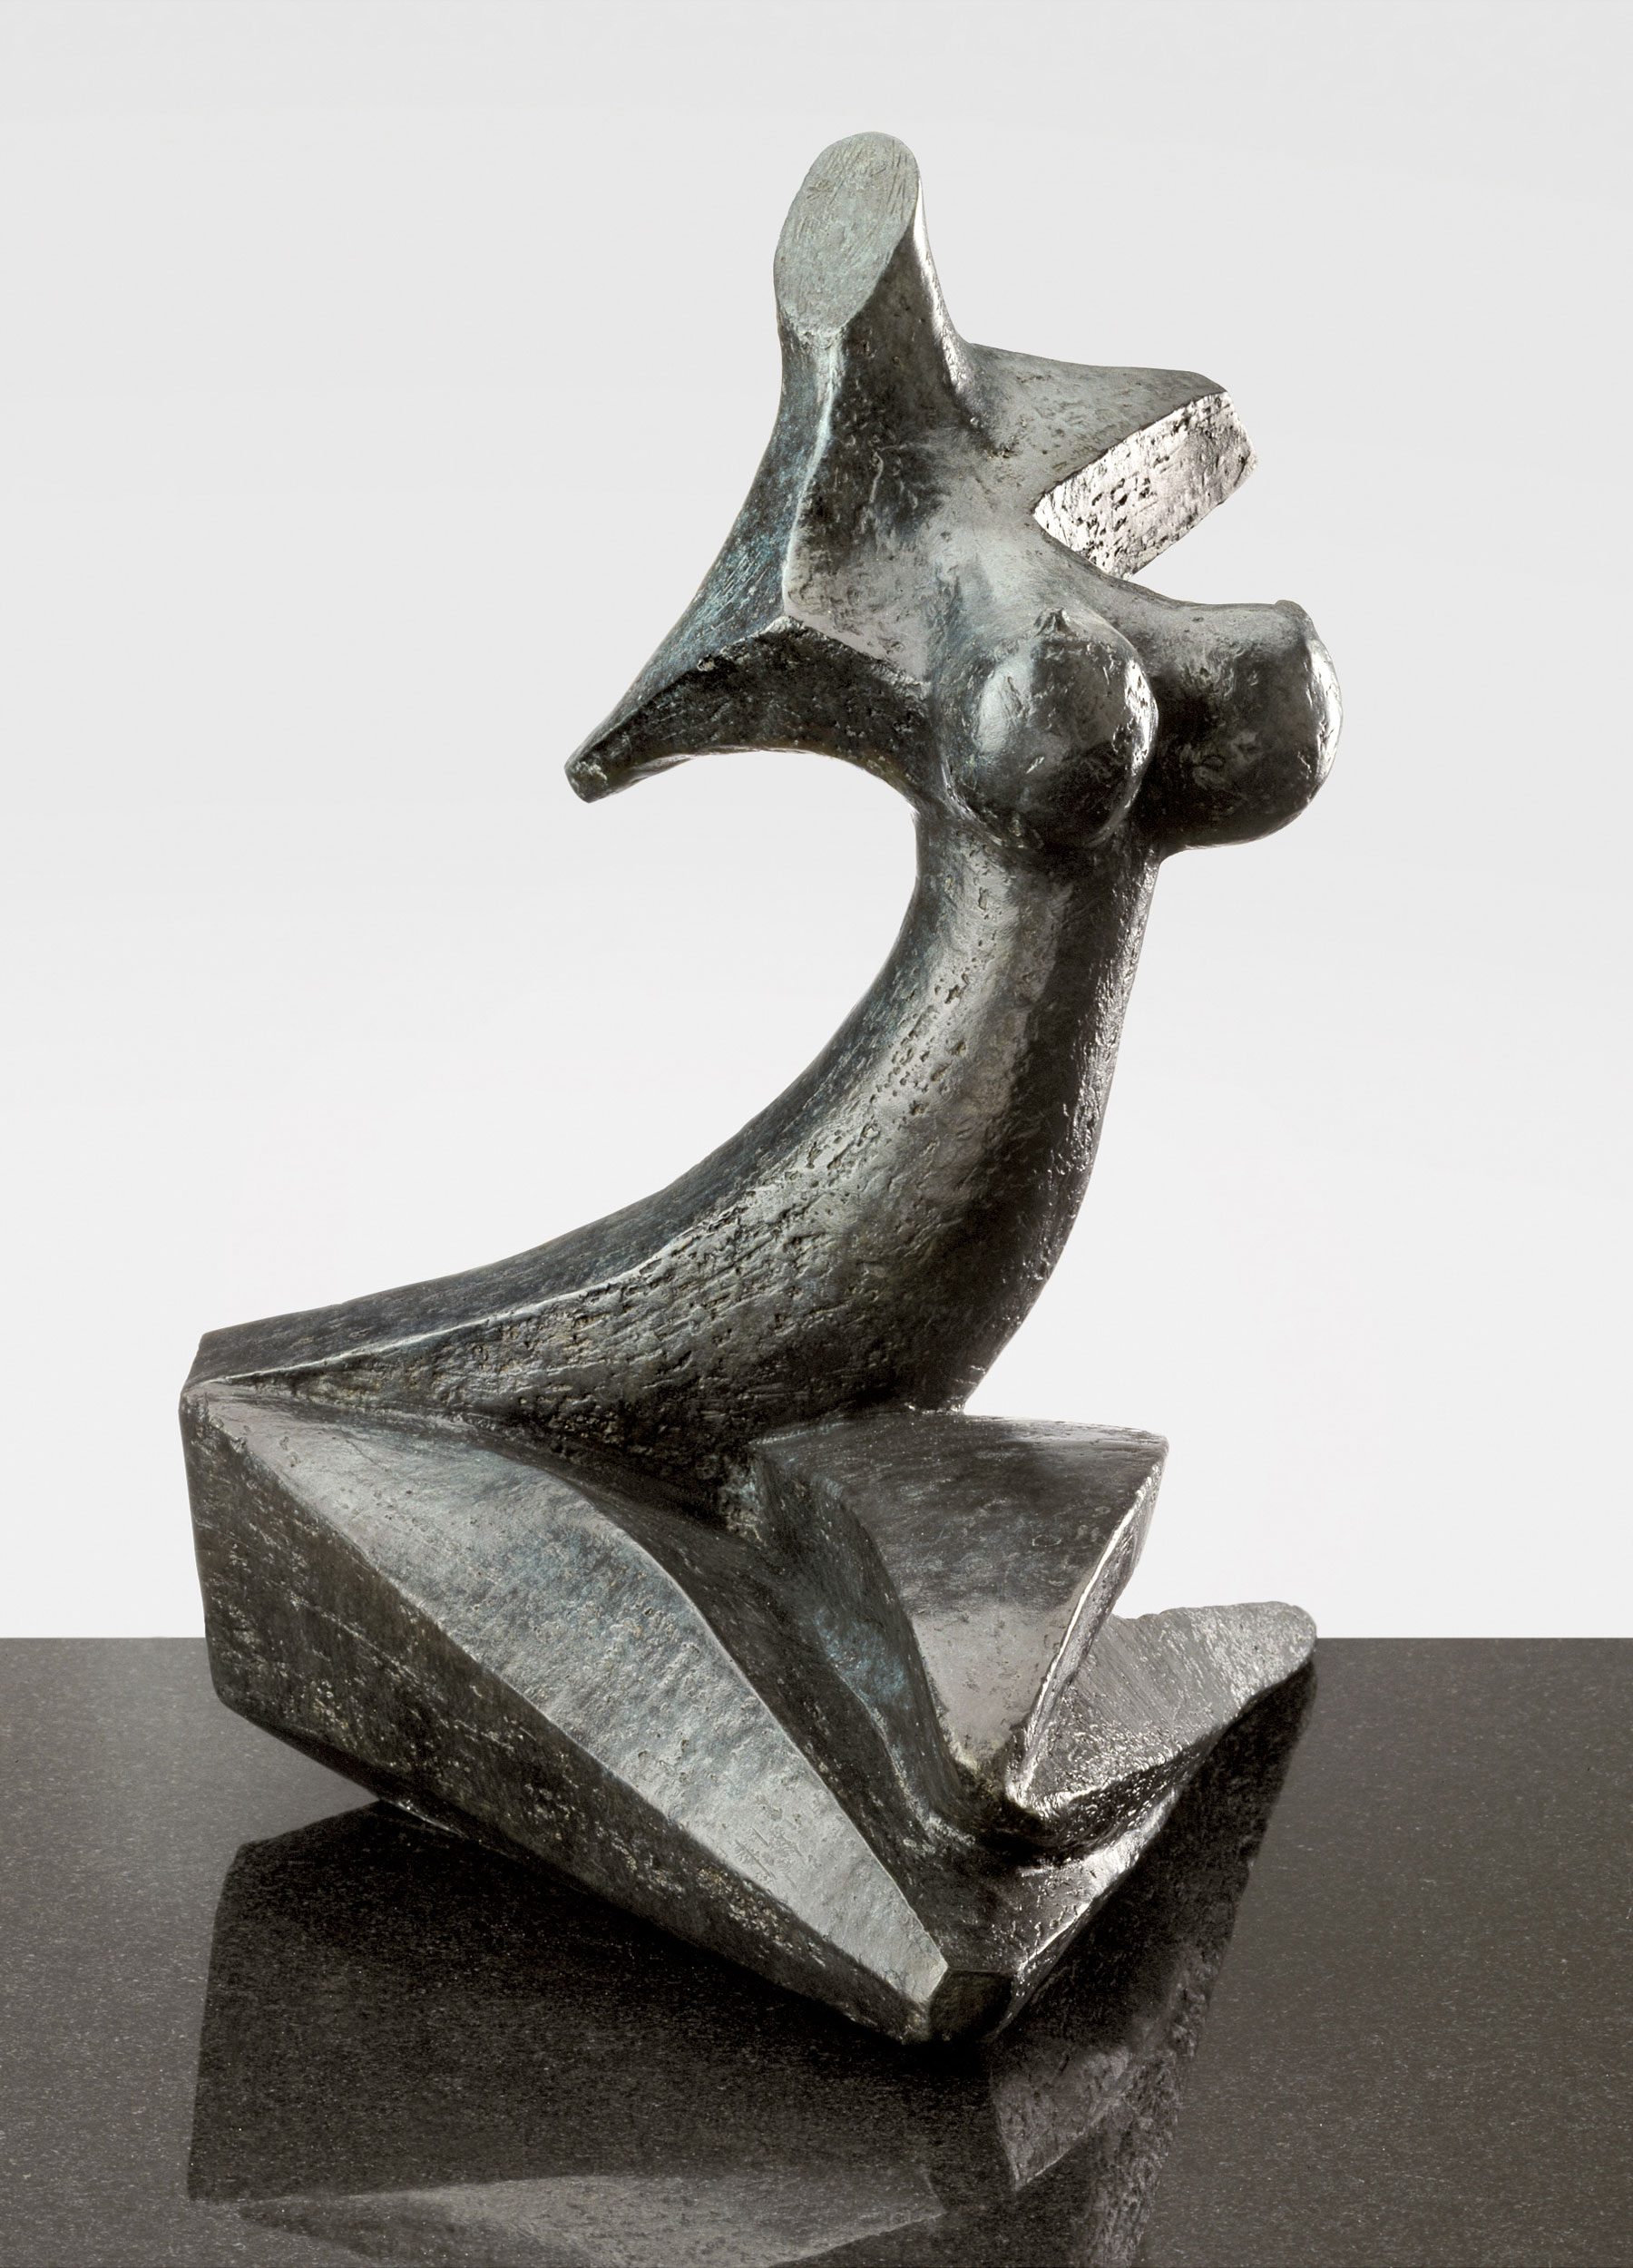 perle noire sculpture contemporaine marion b rkle marion buerkle sculptor. Black Bedroom Furniture Sets. Home Design Ideas